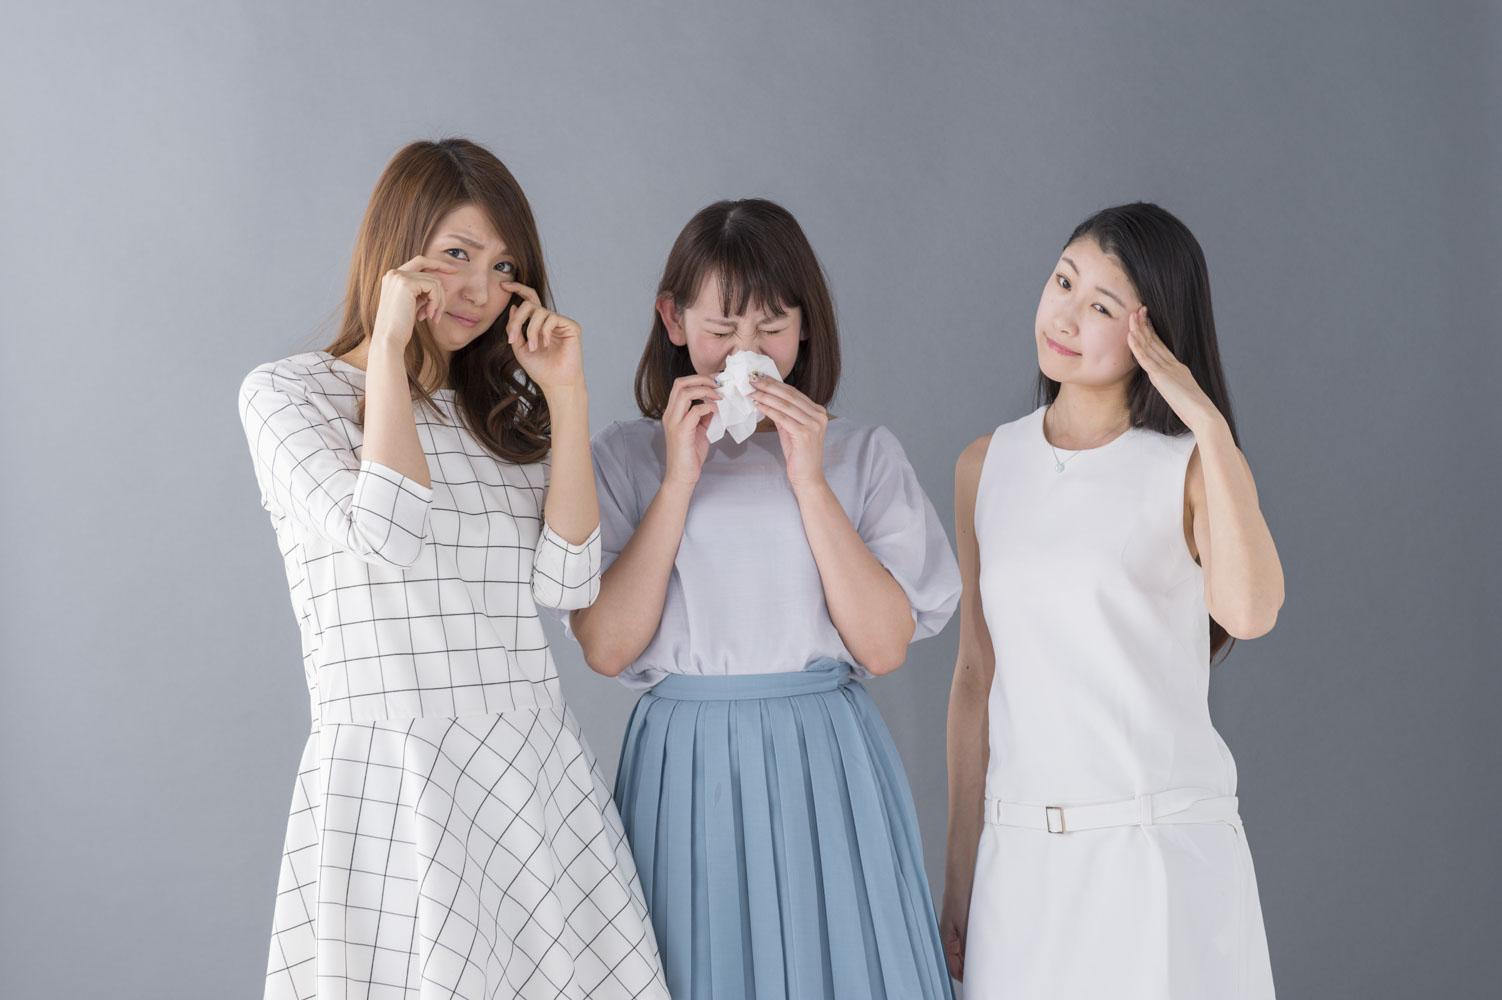 左から、李孔美さん(No.81)、荒木優里さん(No.227)、前田晴香さん(No.173)。